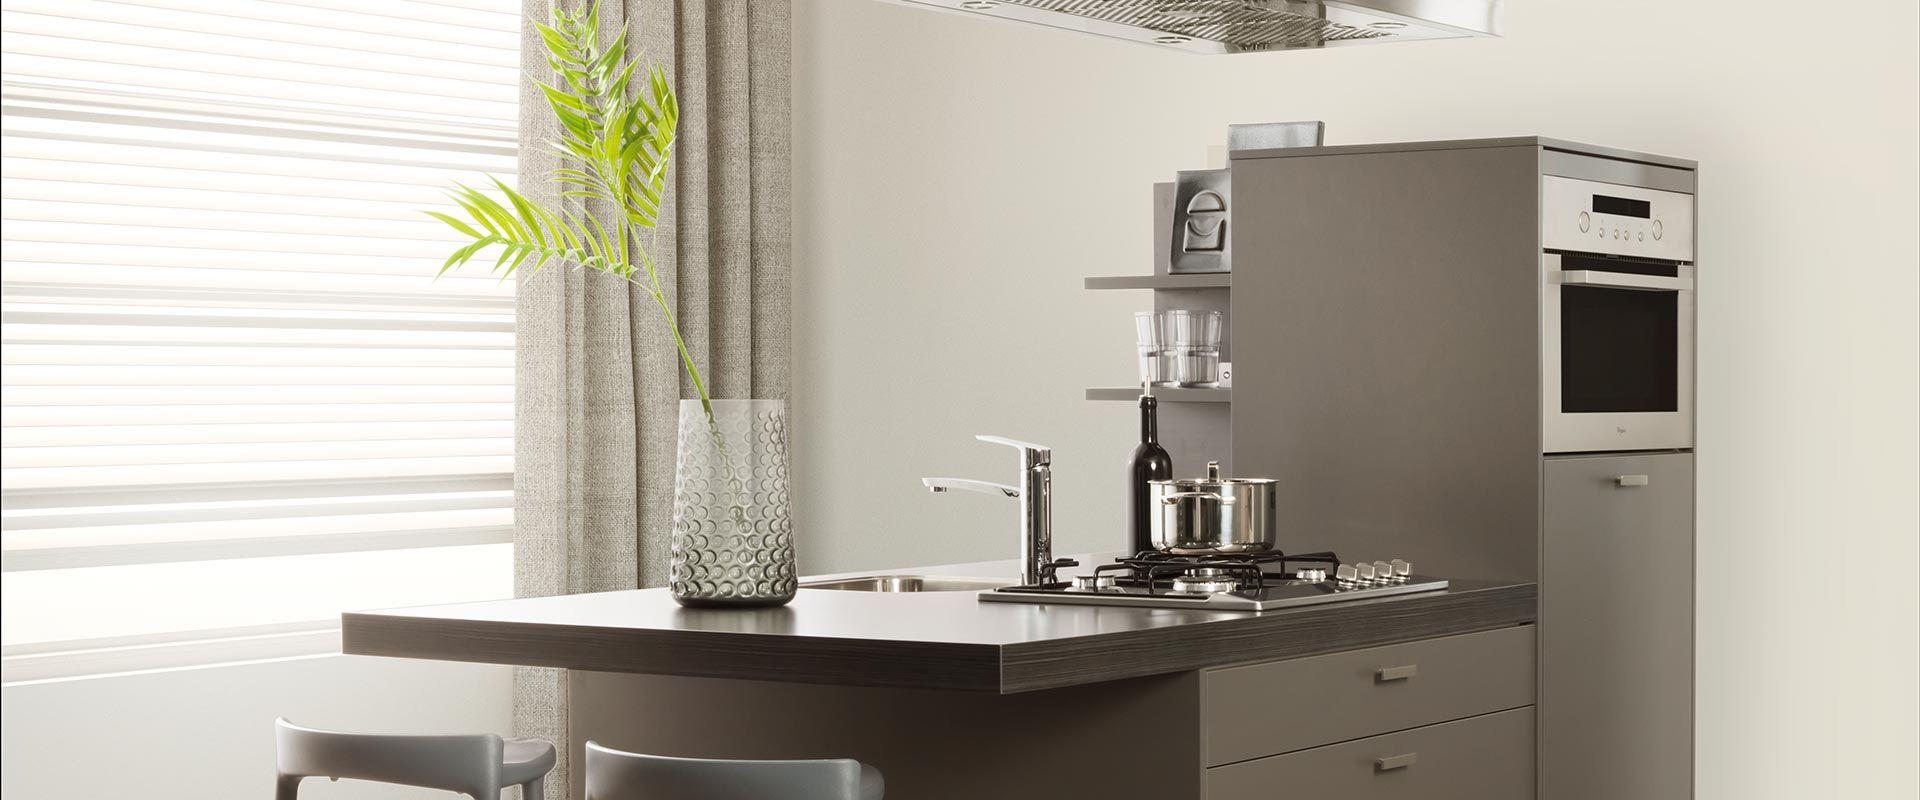 keuken bar klein